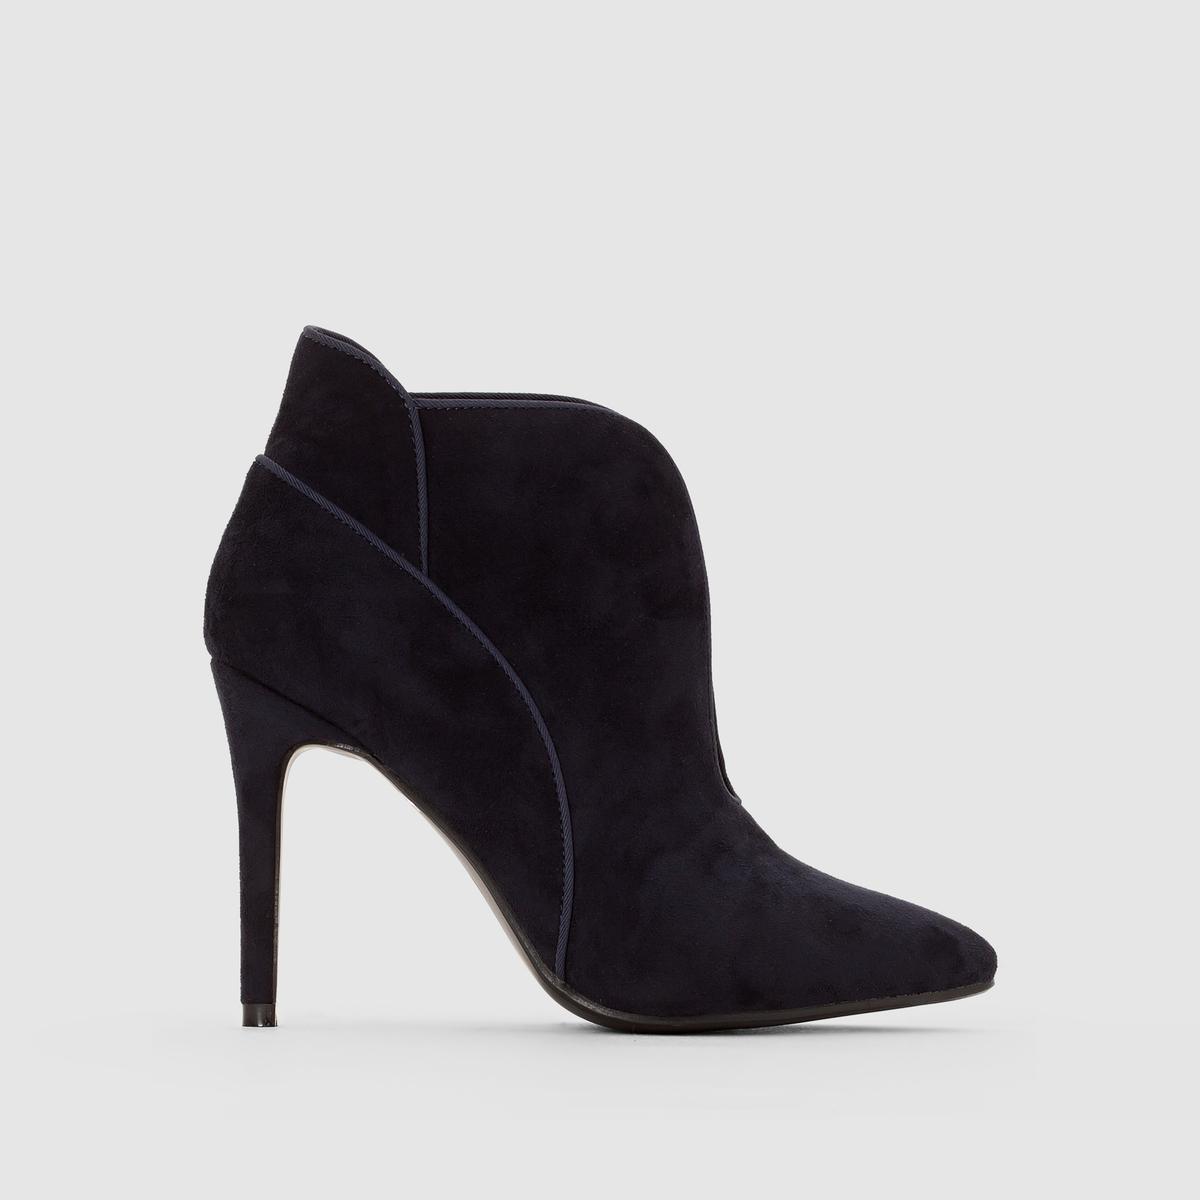 БотильоныПреимущества:   : очень стильные ботильоны на высоком каблуке-шпильке с замшевым эффектом, детальной отделкой и оригинальными отрезными деталями сверху .<br><br>Цвет: темно-синий,черный<br>Размер: 36